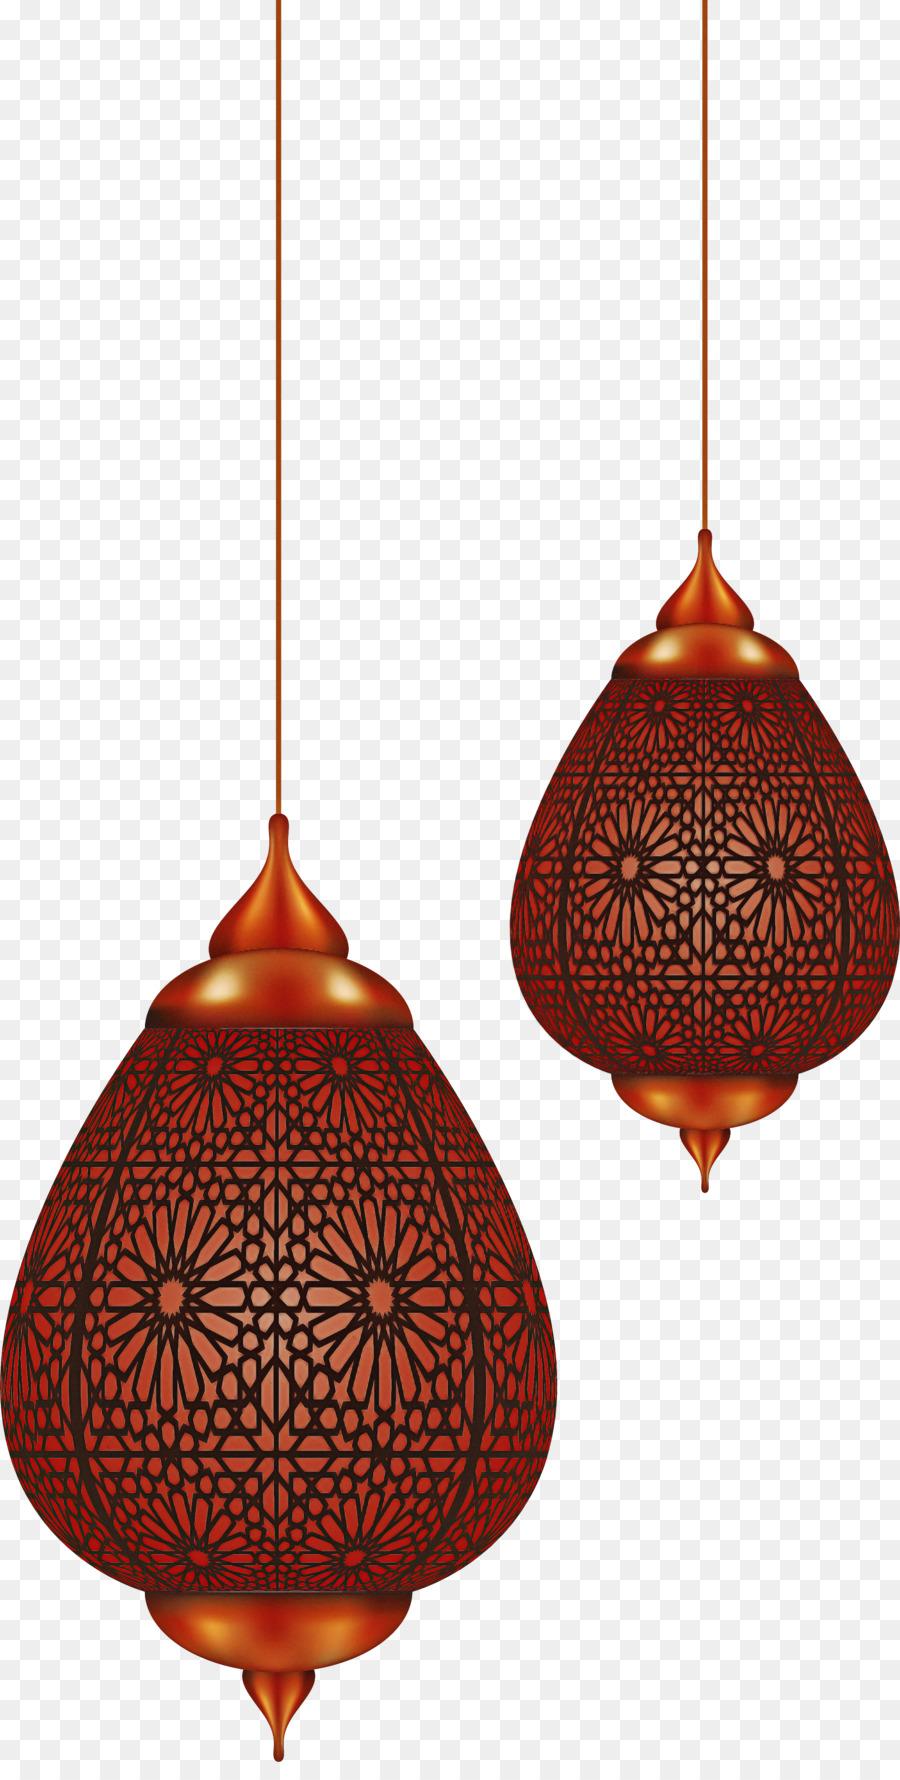 Descarga gratuita de Naranja, Iluminación, Luminaria Imágen de Png